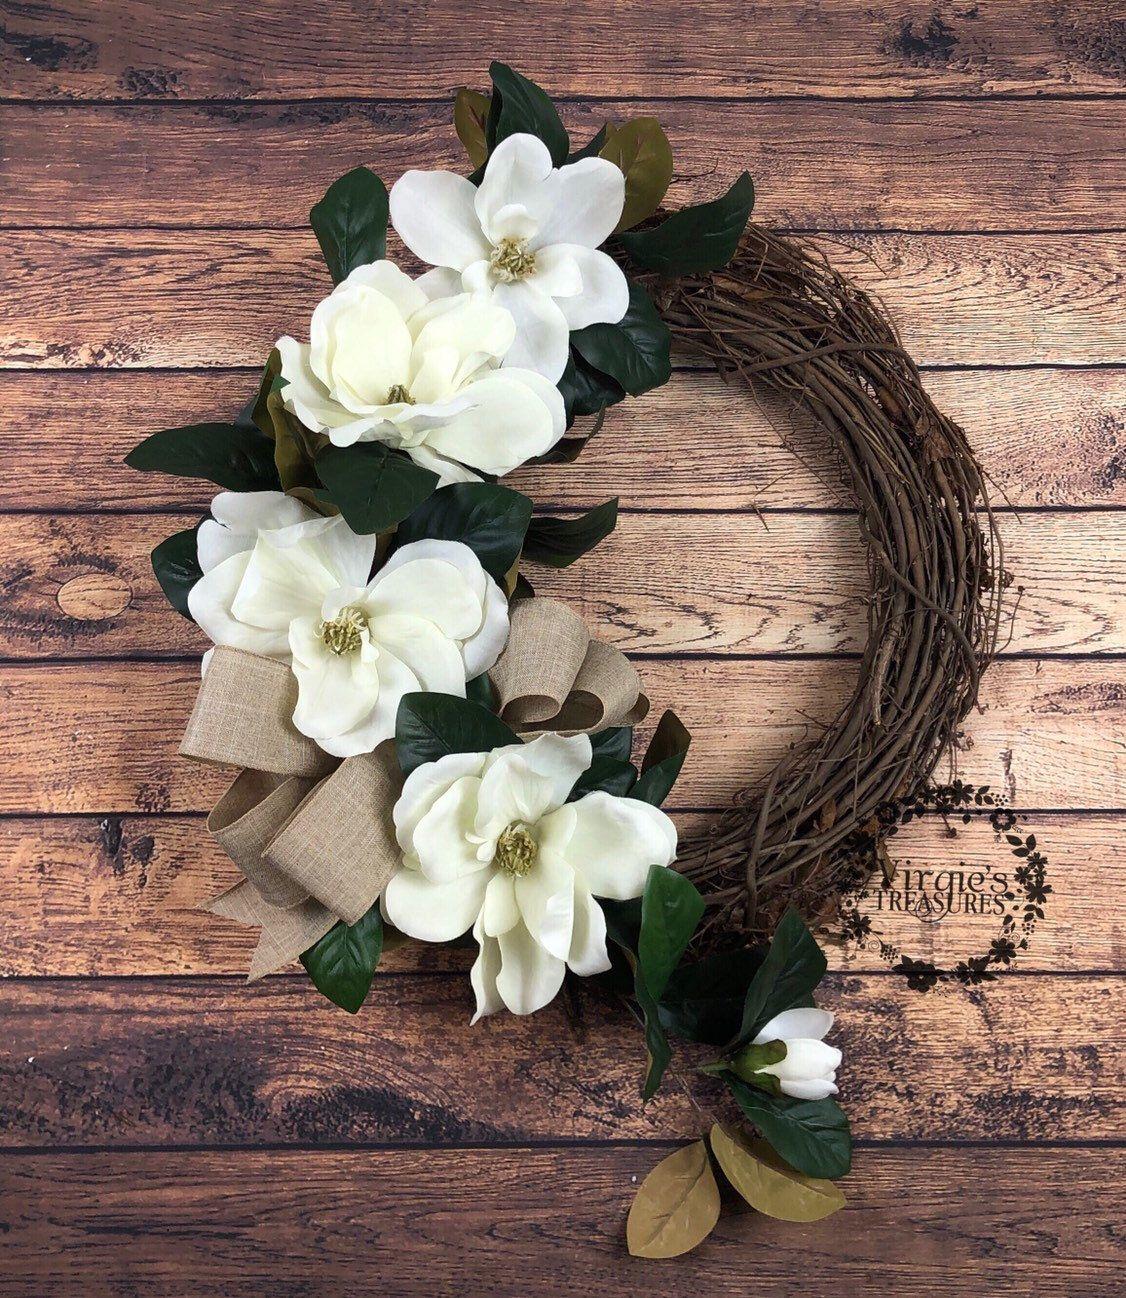 Photo of Magnolia wreath, cream magnolia wreath with bow-magnolia wreath-magnolia wreath-farmhouse magnolia wreath-farmhouse wreath bestseller